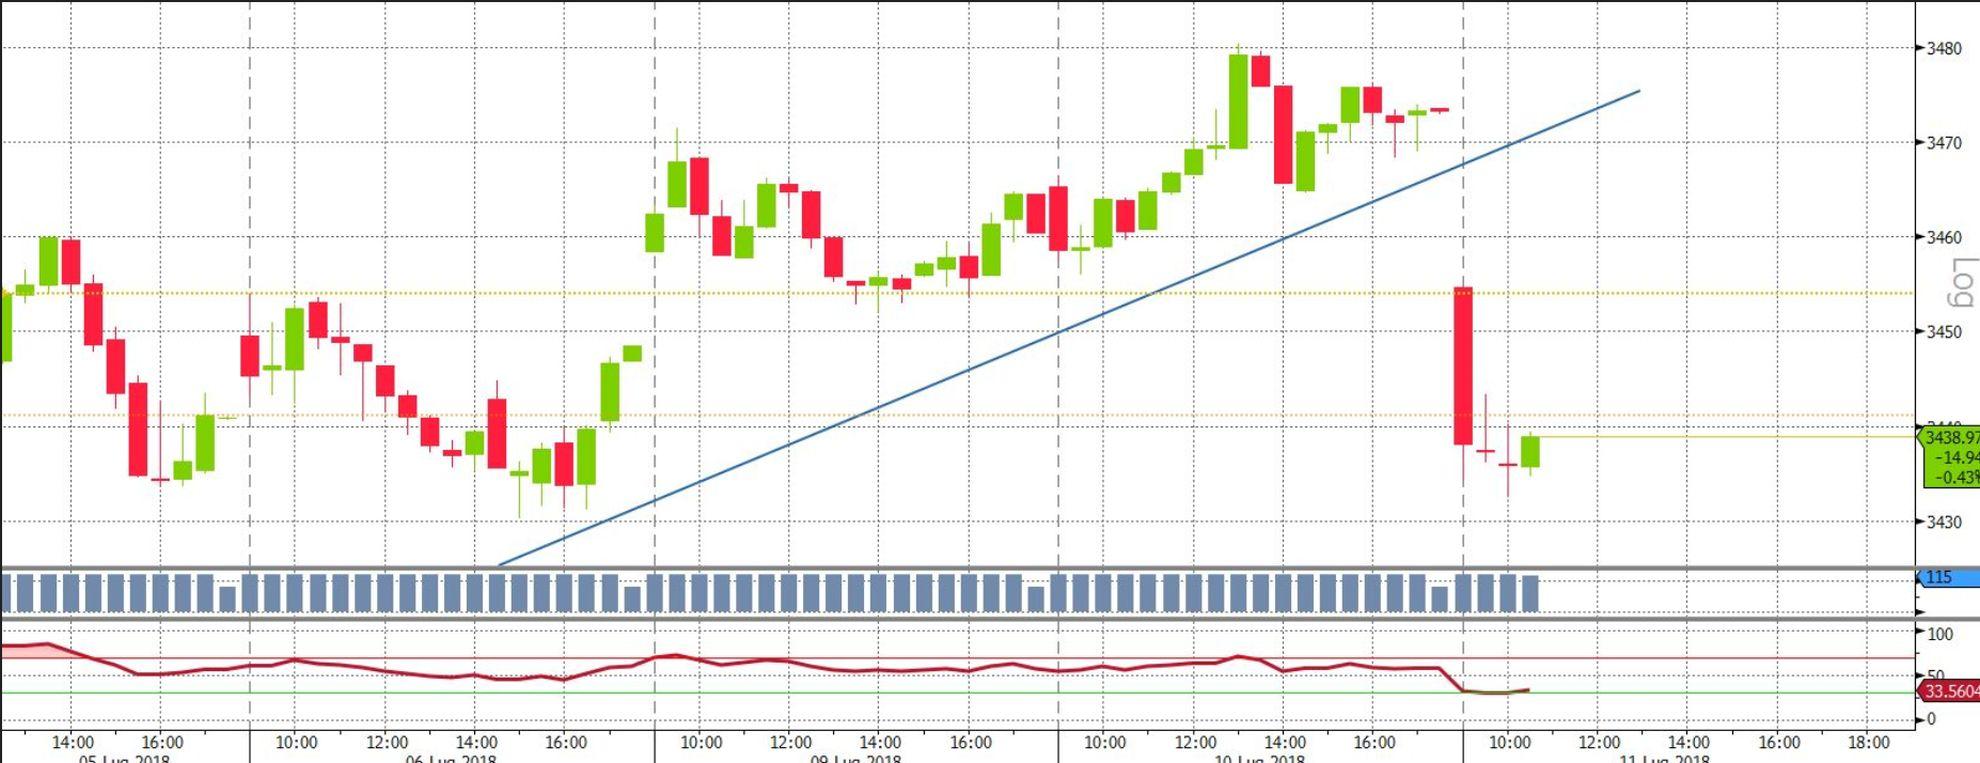 L'apertura, in gap ribassista, dell'indice delle blue chip europee Euro Stoxx 50